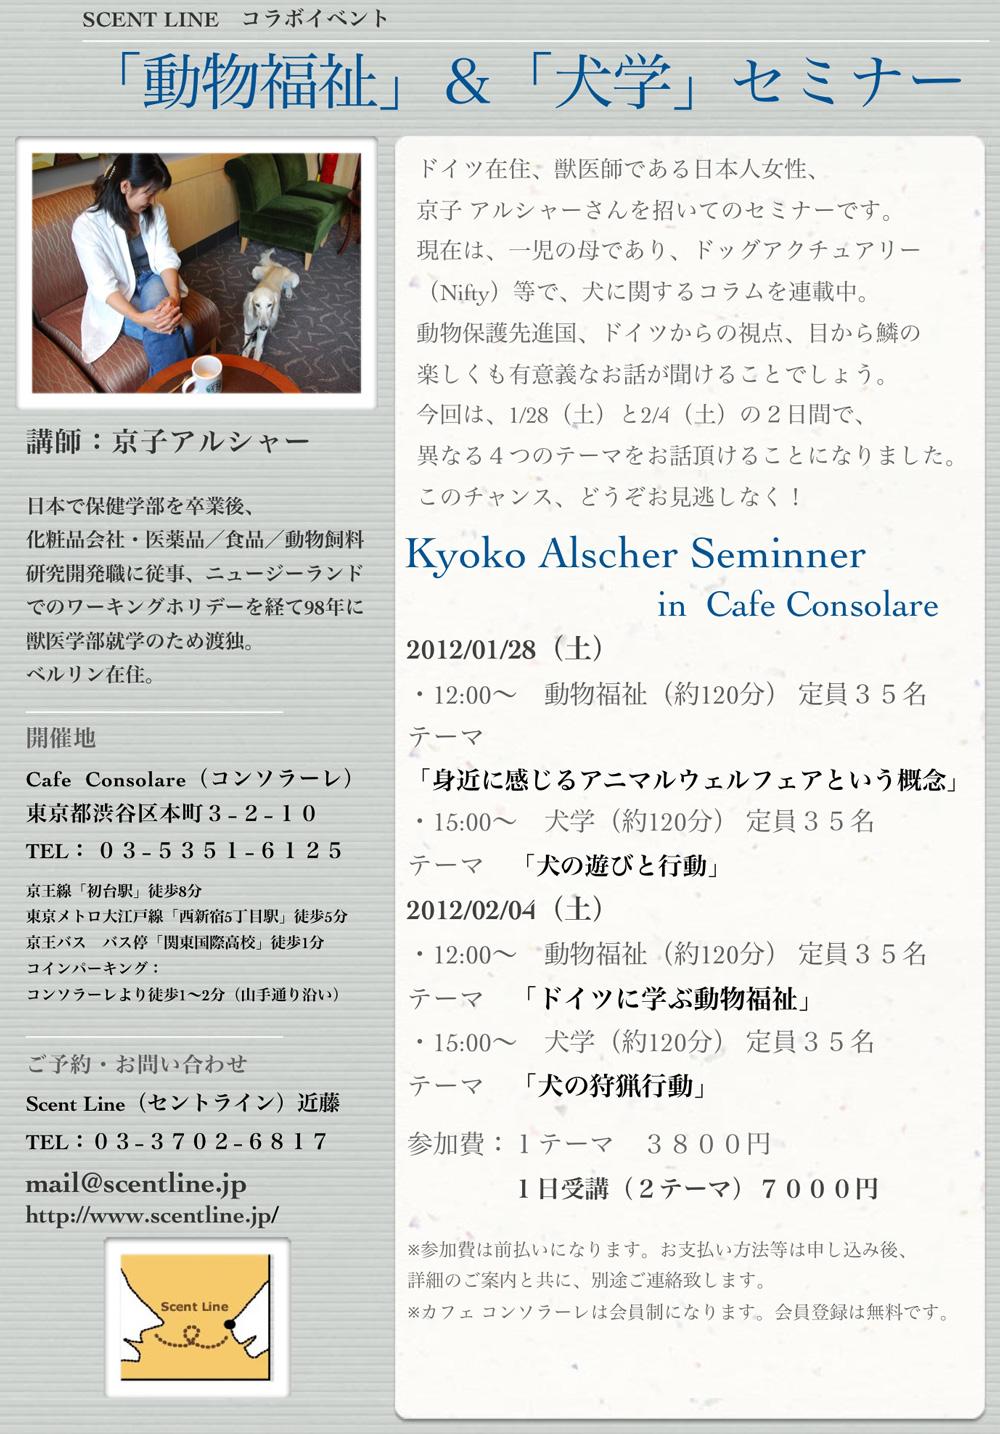 京子アルシャー「動物福祉&犬学」セミナー開催のお知らせ_c0099133_1611169.jpg